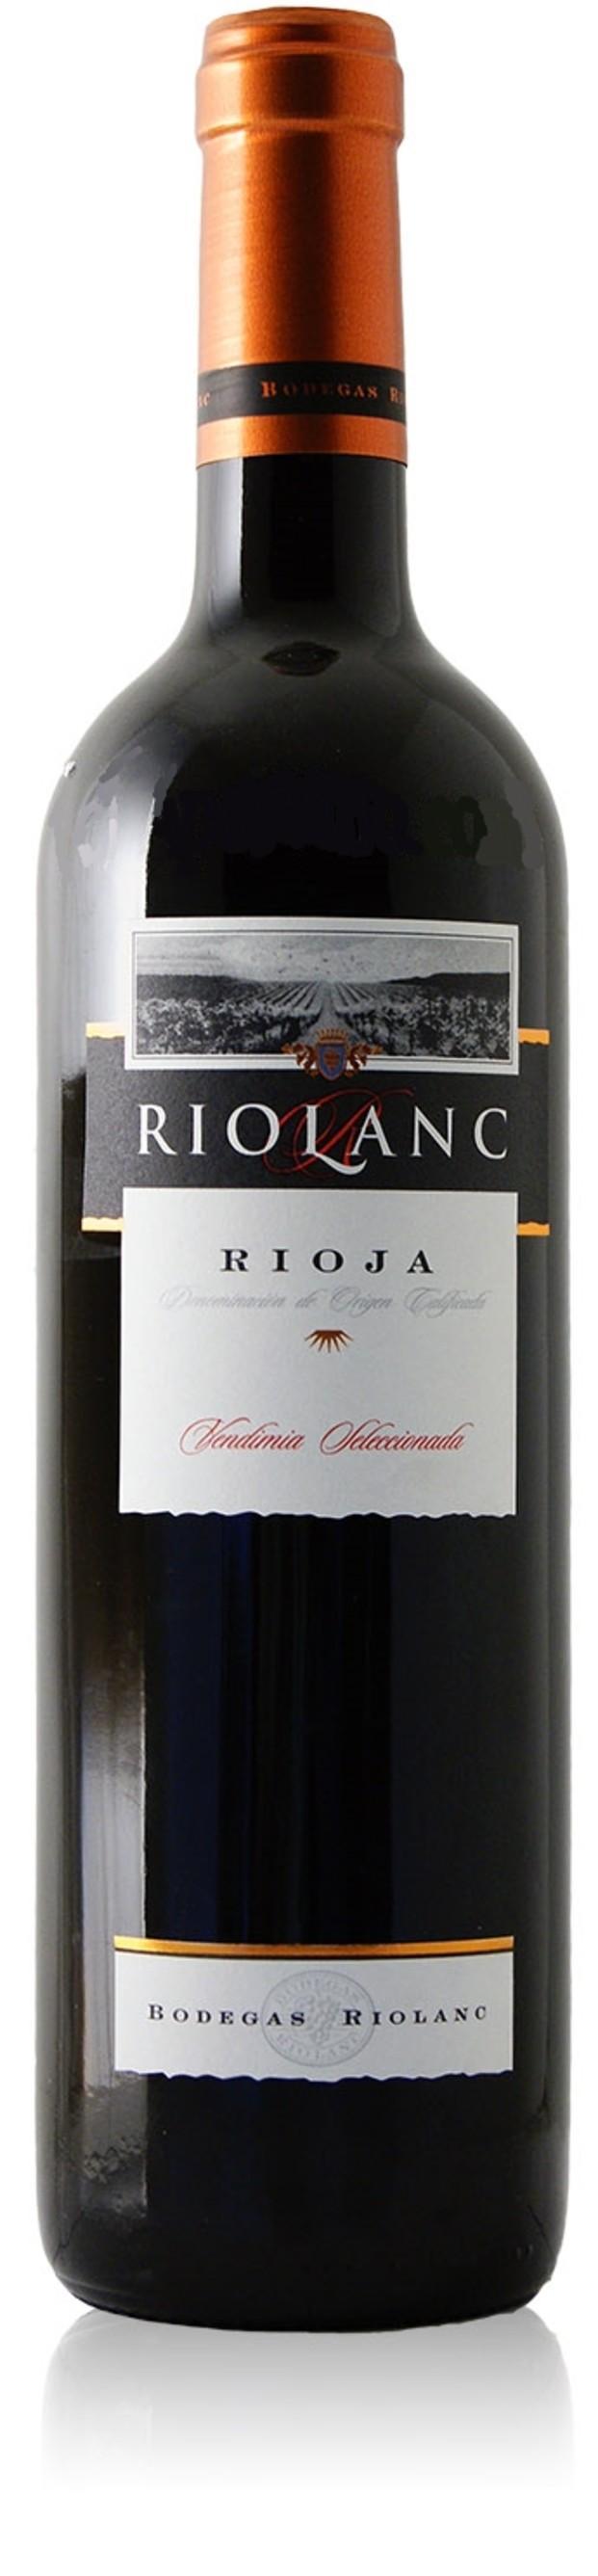 Riolanc. Vendimia Seleccionada